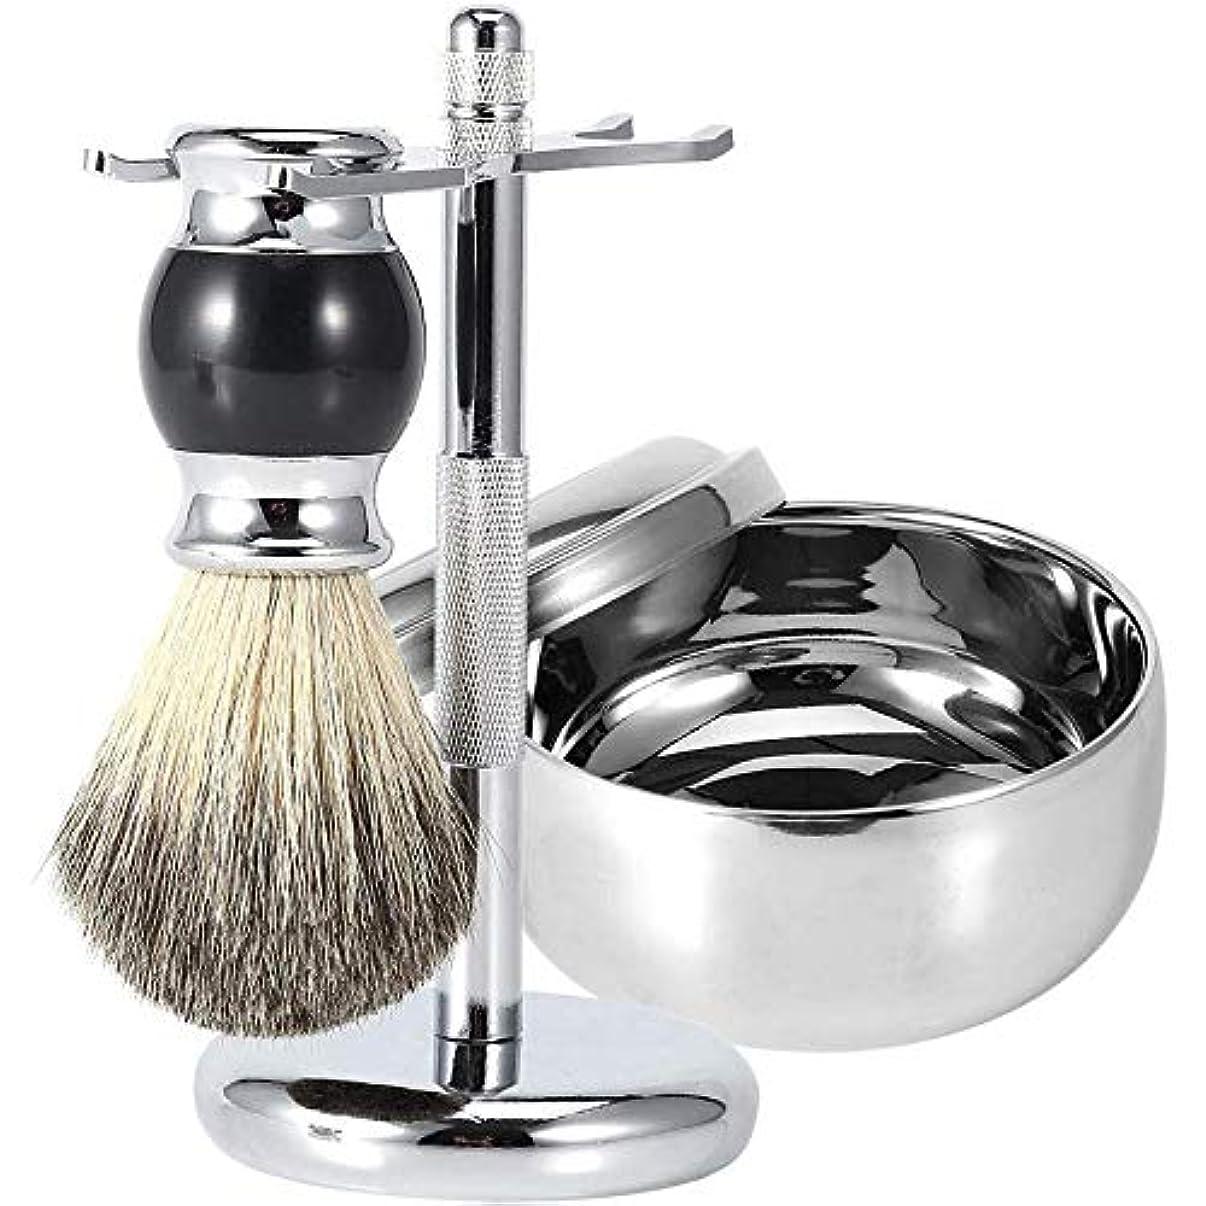 死石鹸ラップ3 シェービング用品 シェービングツールキット シェービングブラシセット高級感 メンズ用 髭 シェービングブラシ